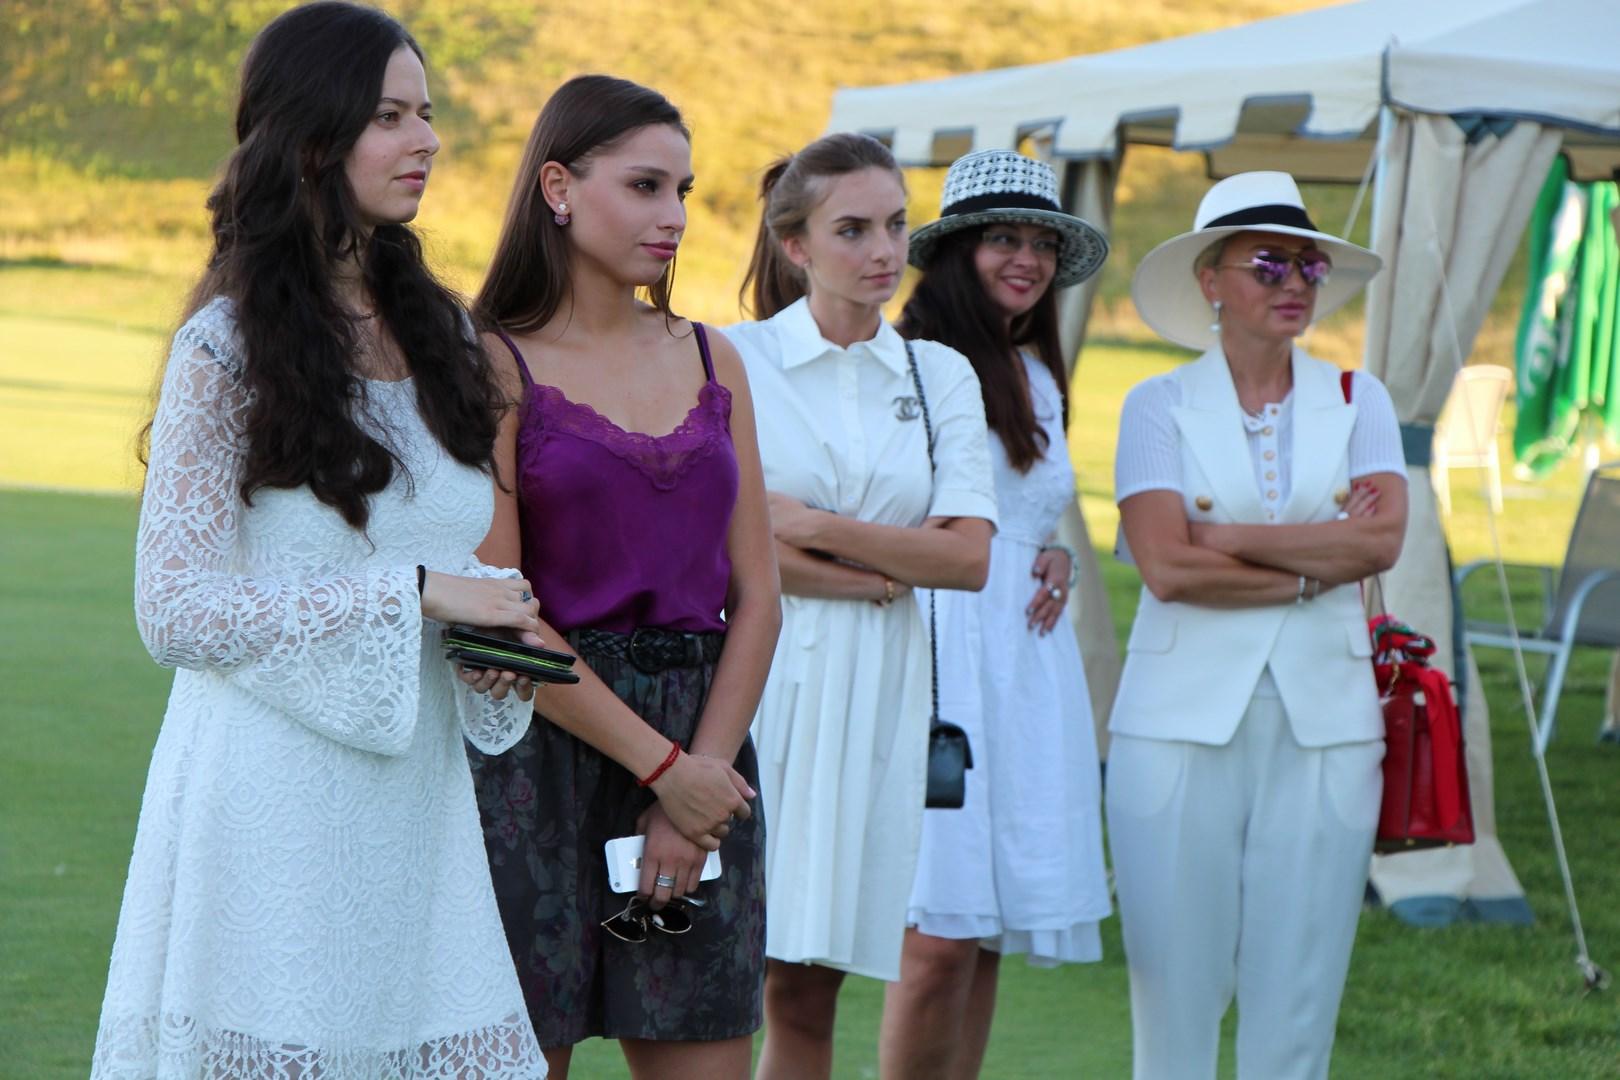 Спортсменки в белых гольфах фото 20 фотография